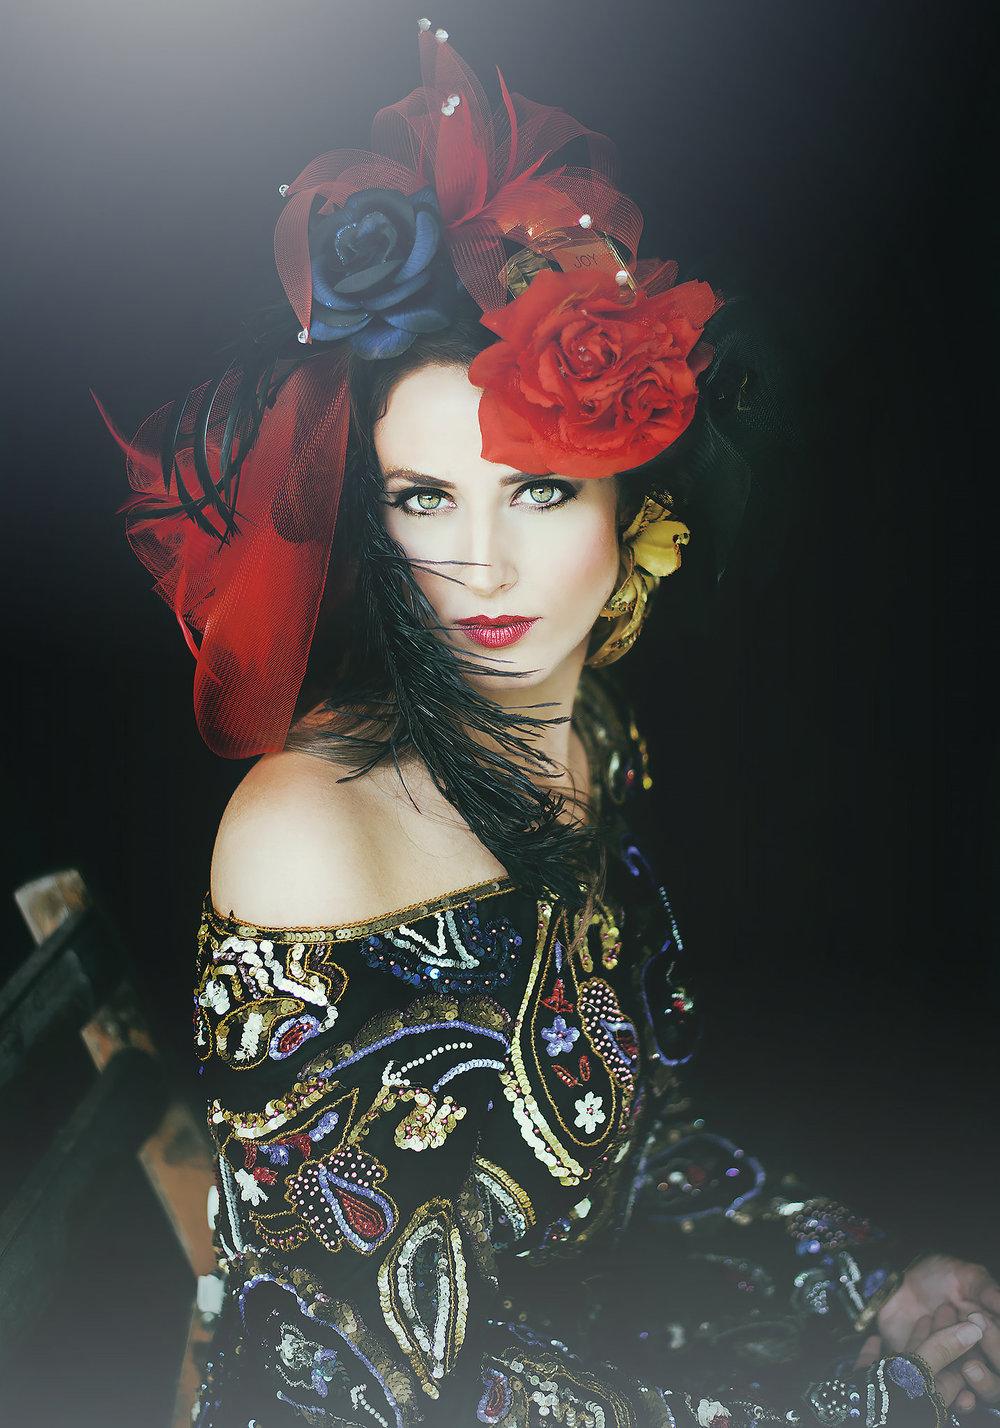 Jasmina_Kimova_Portraits_11.jpg